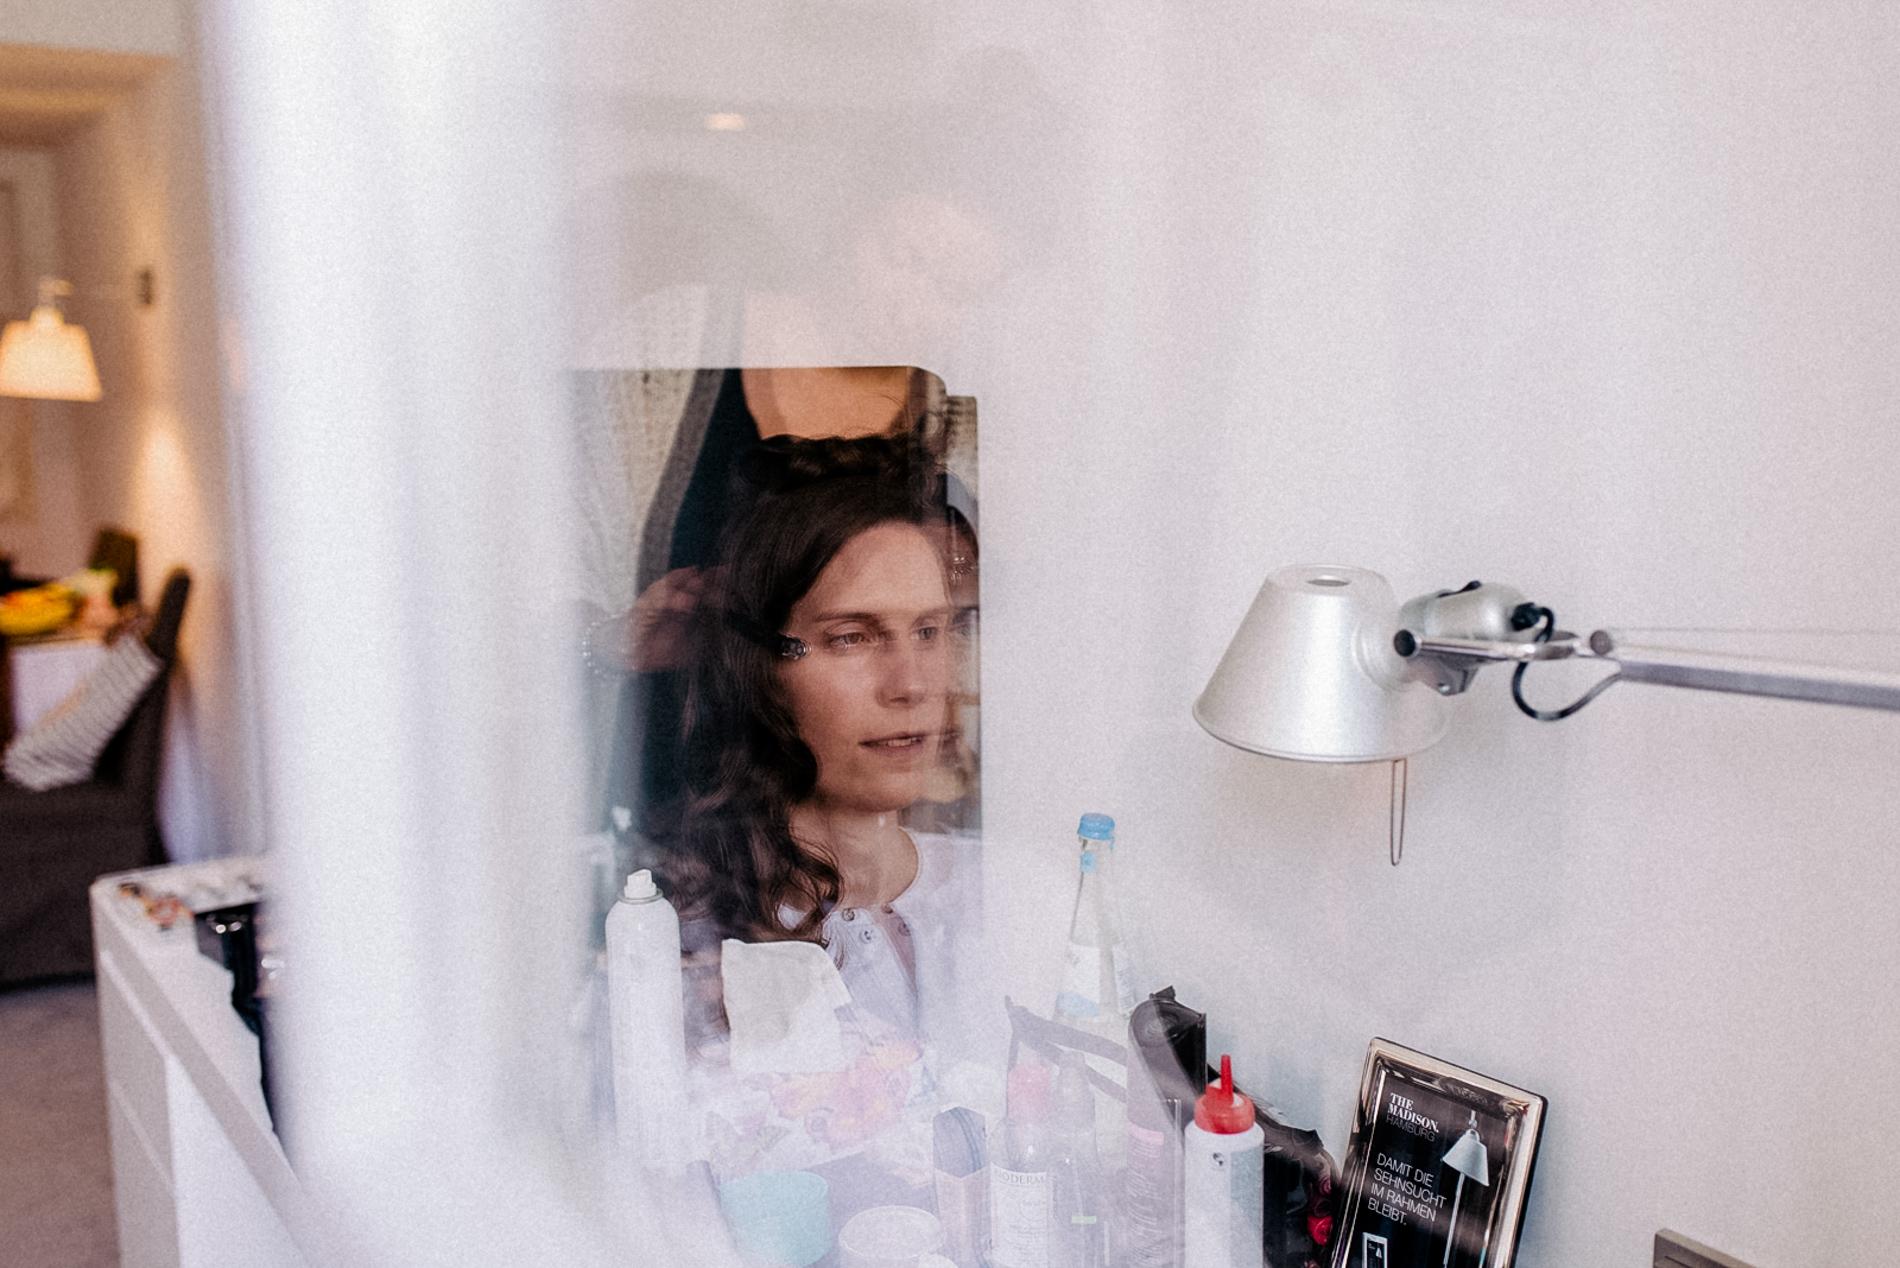 Annalena-Thorsten-Bluhm-2.jpg